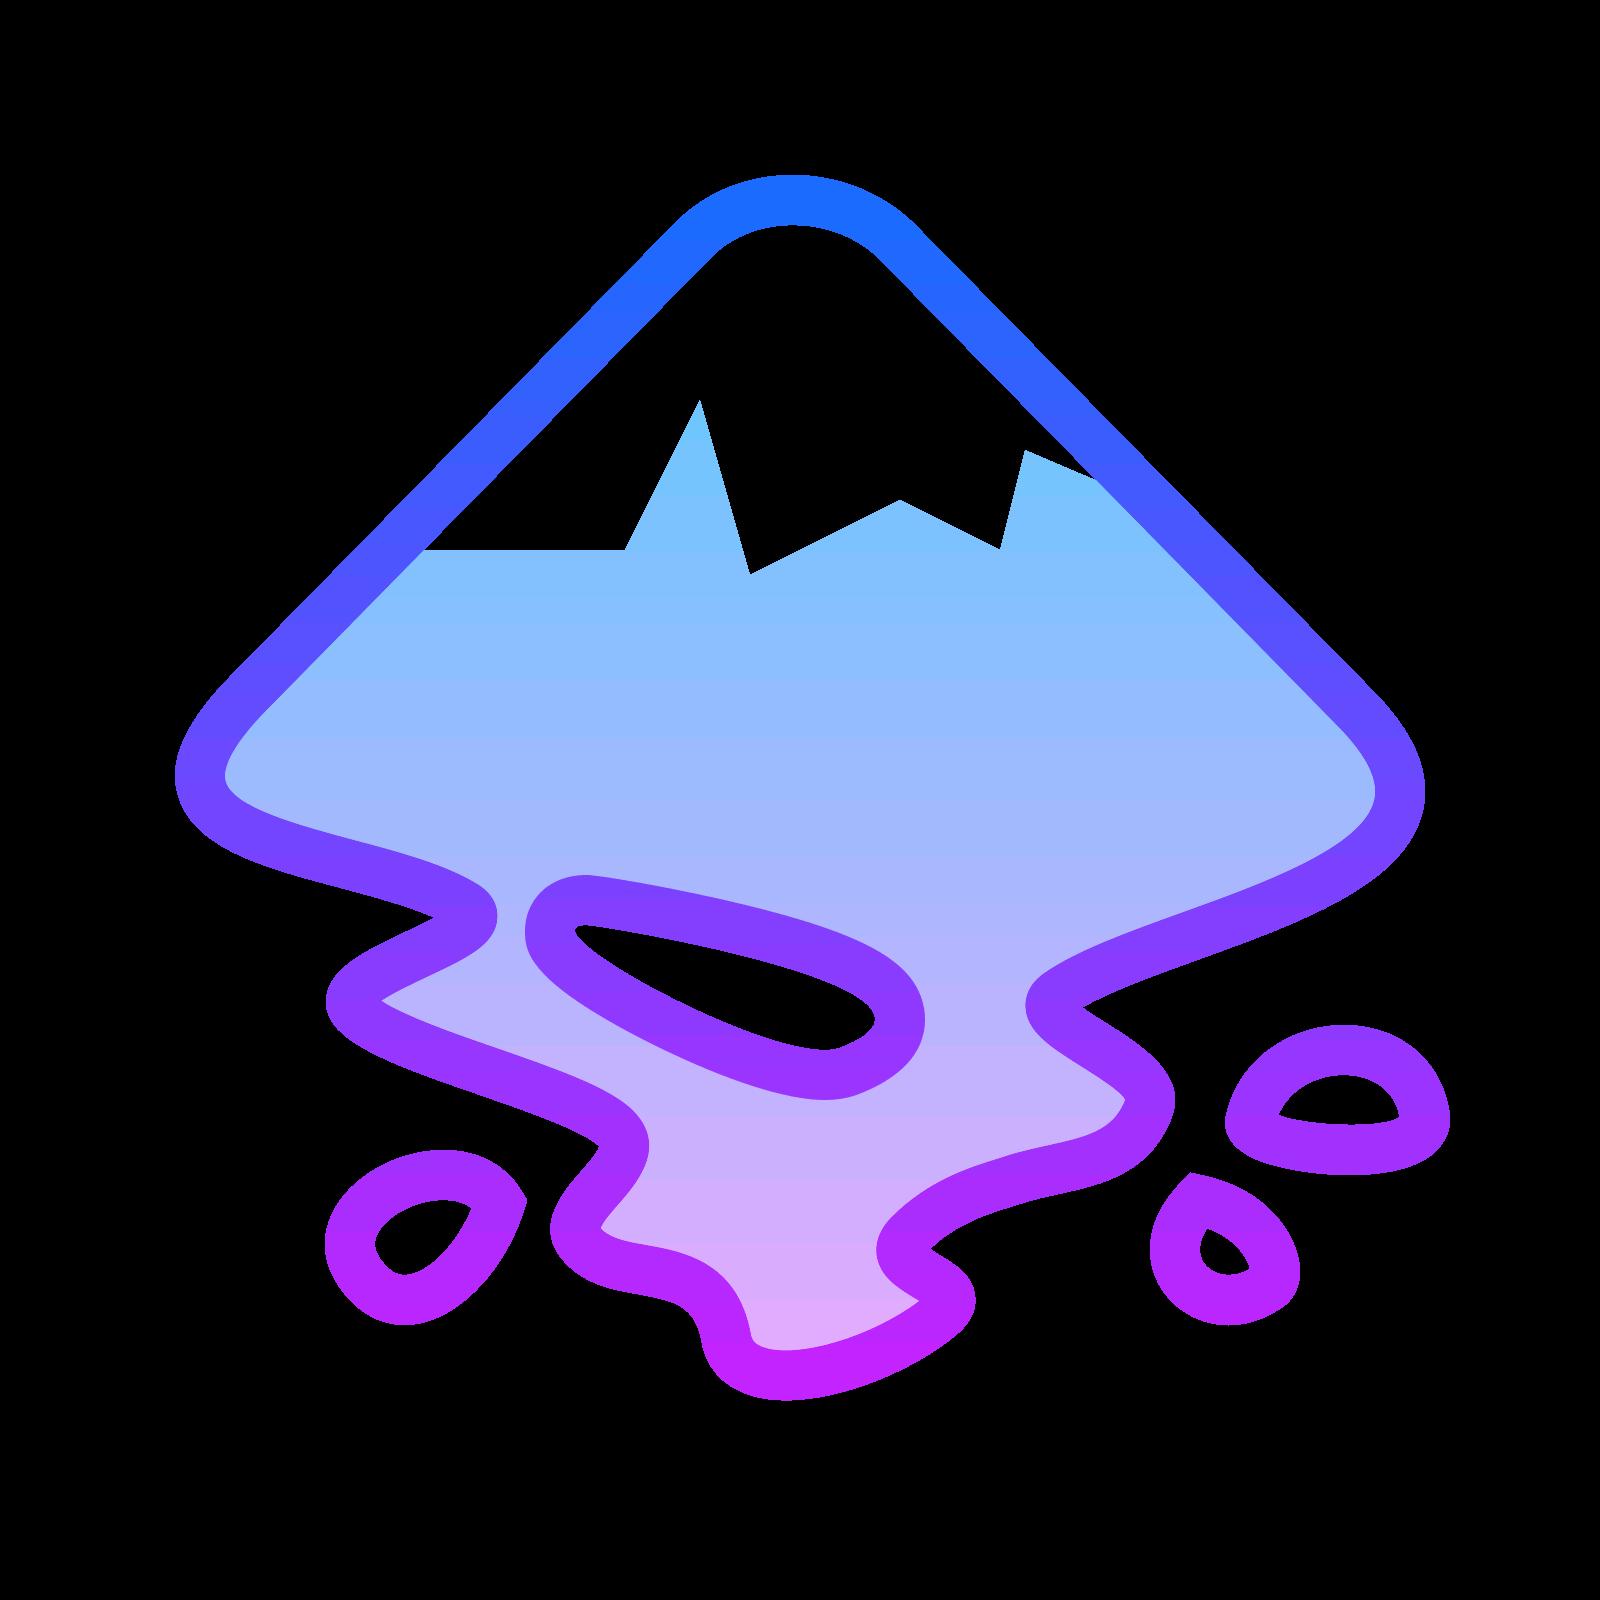 Icono descarga gratuita y. Inkscape png to vector